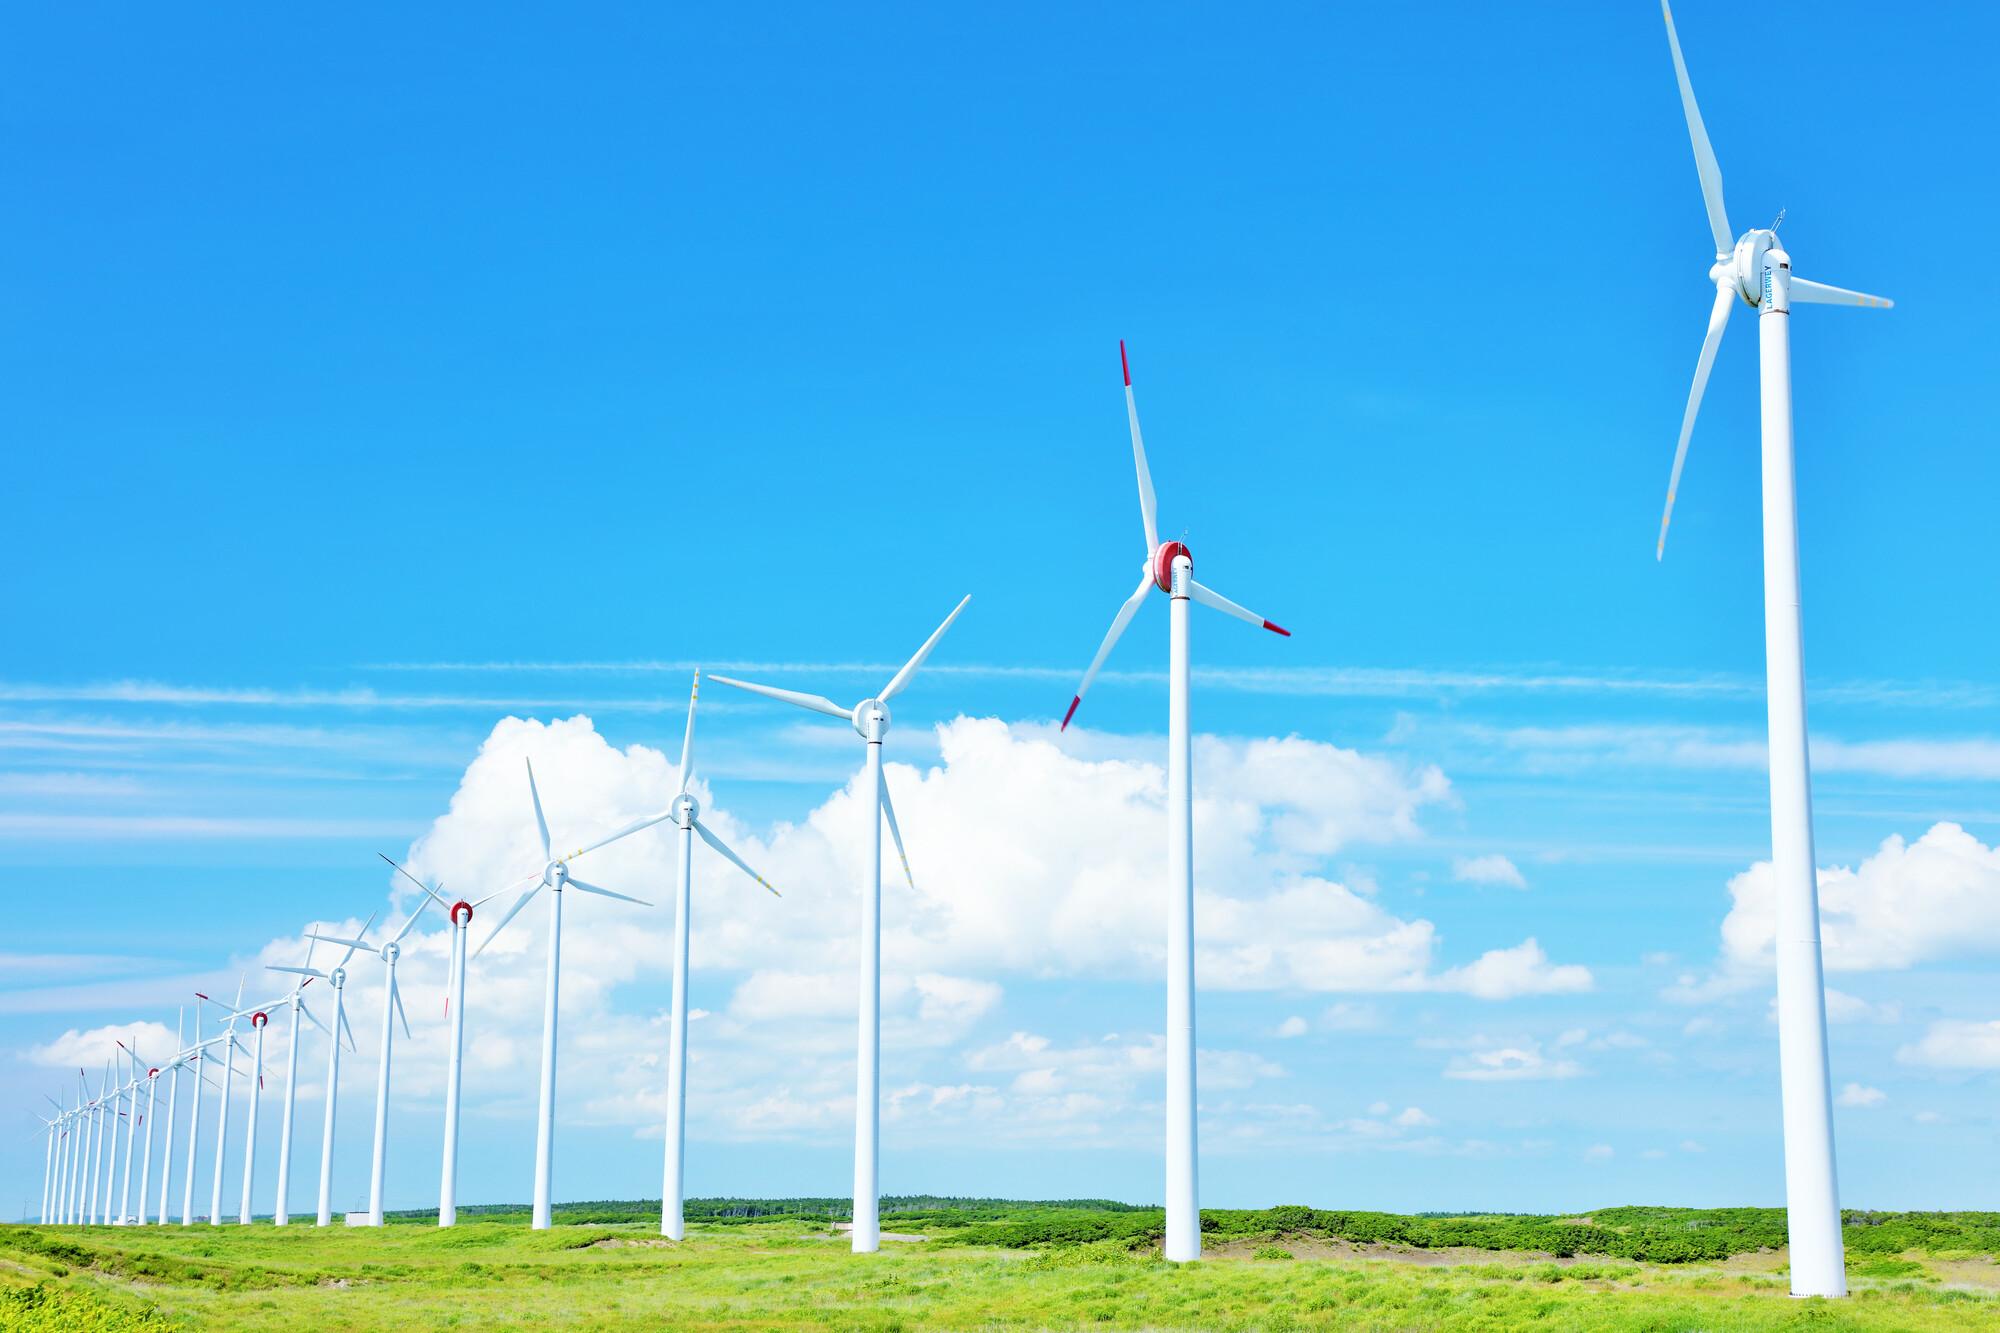 風力発電とは?風力発電について詳しく説明